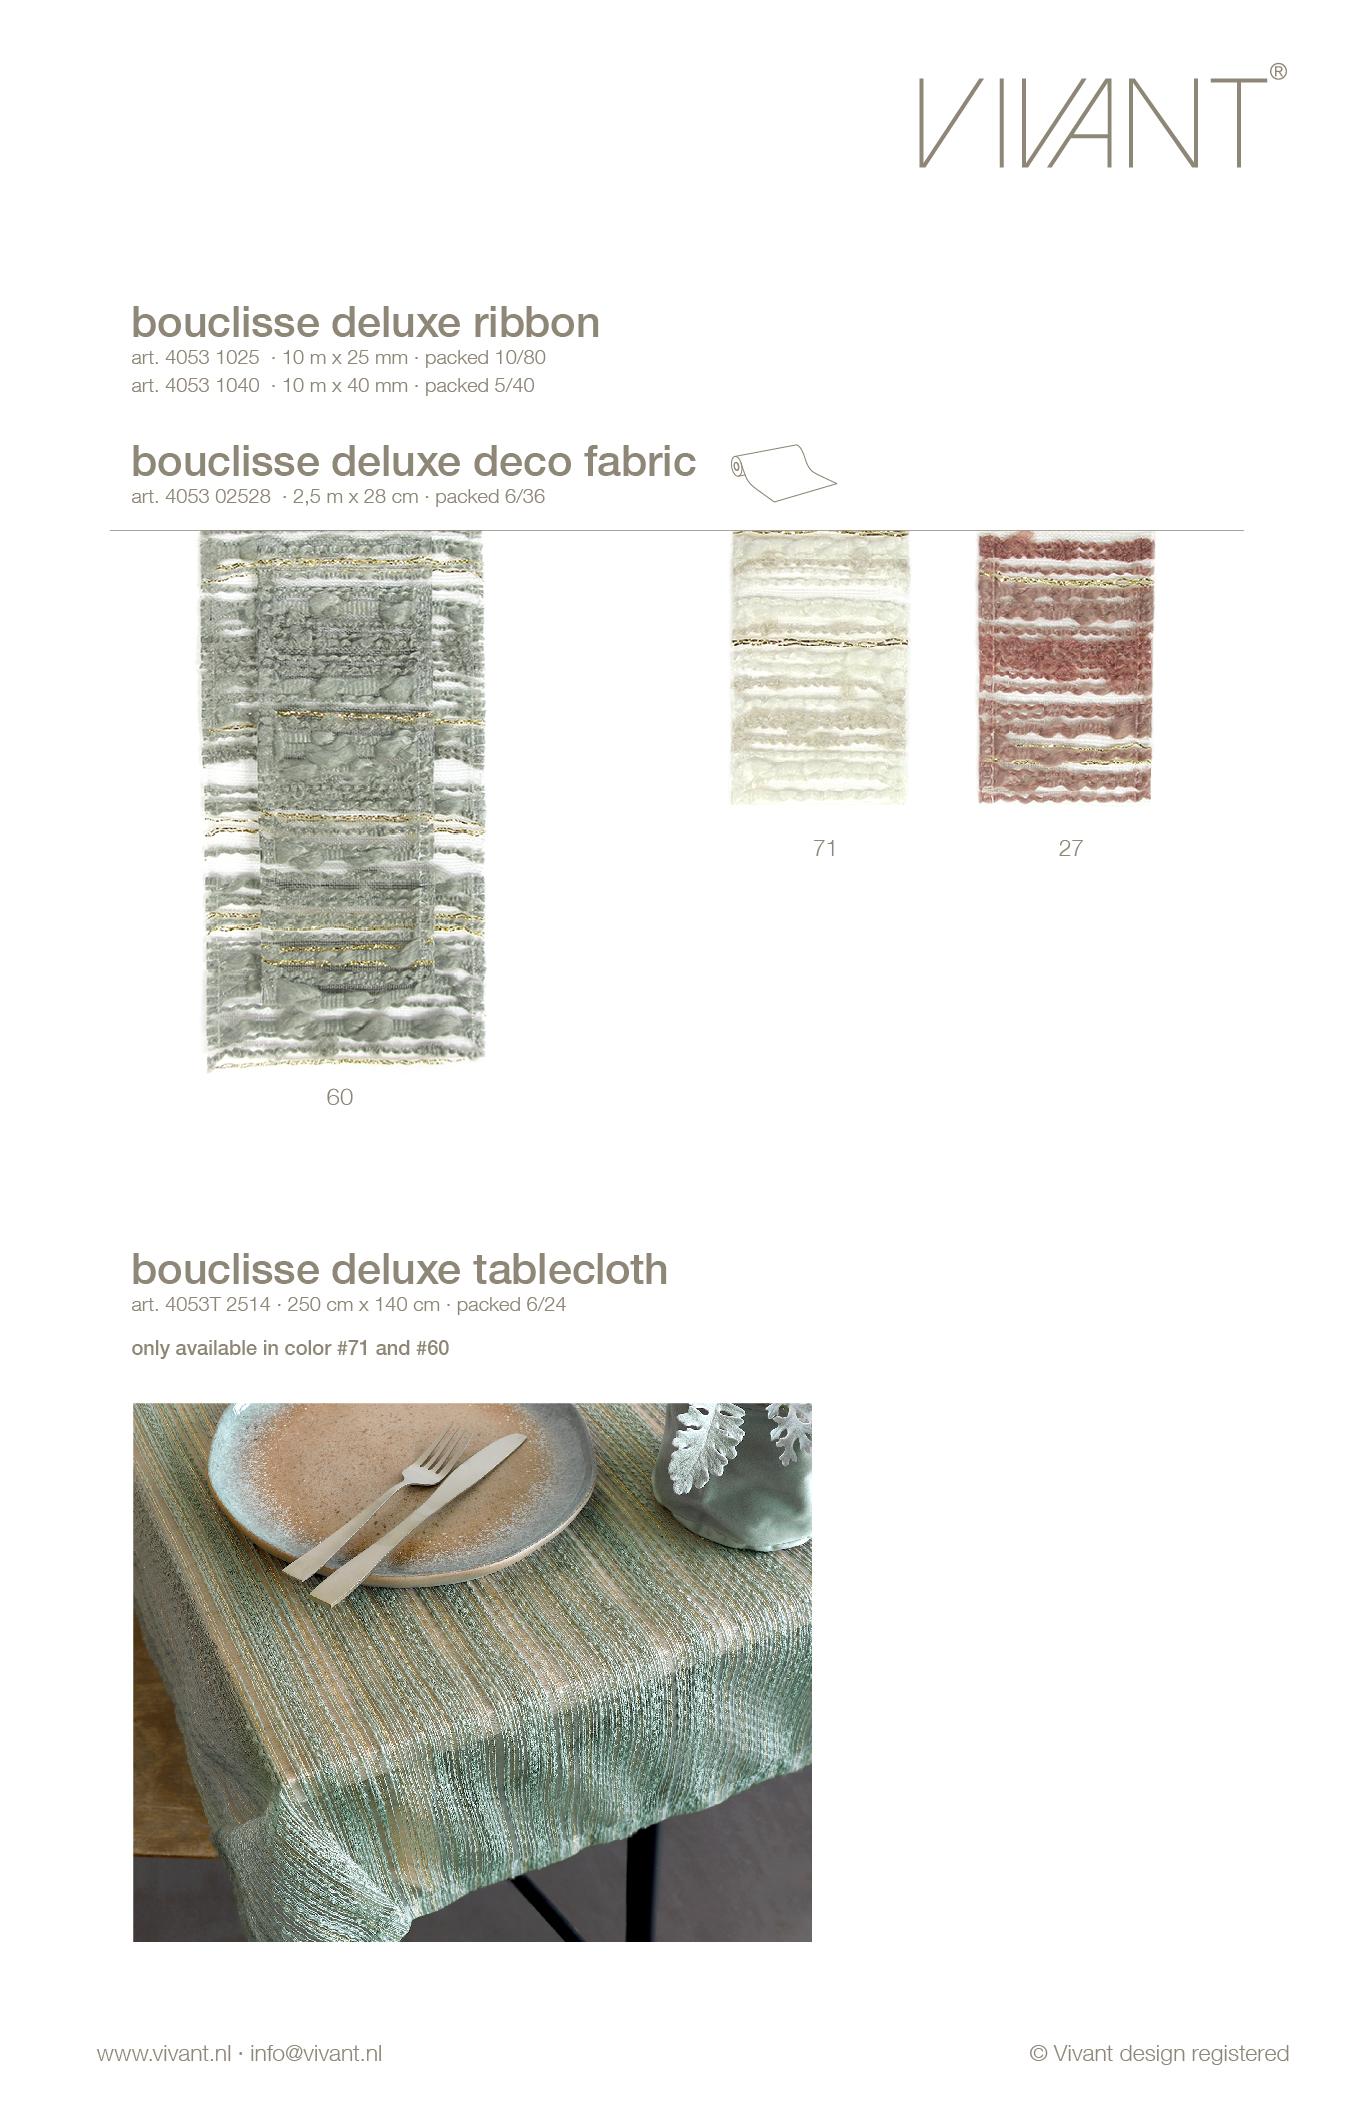 lint met lijnen van boucle garen, organza en subtiele lurex draad voor de detailhandel in 2 kleuren en 2 maten